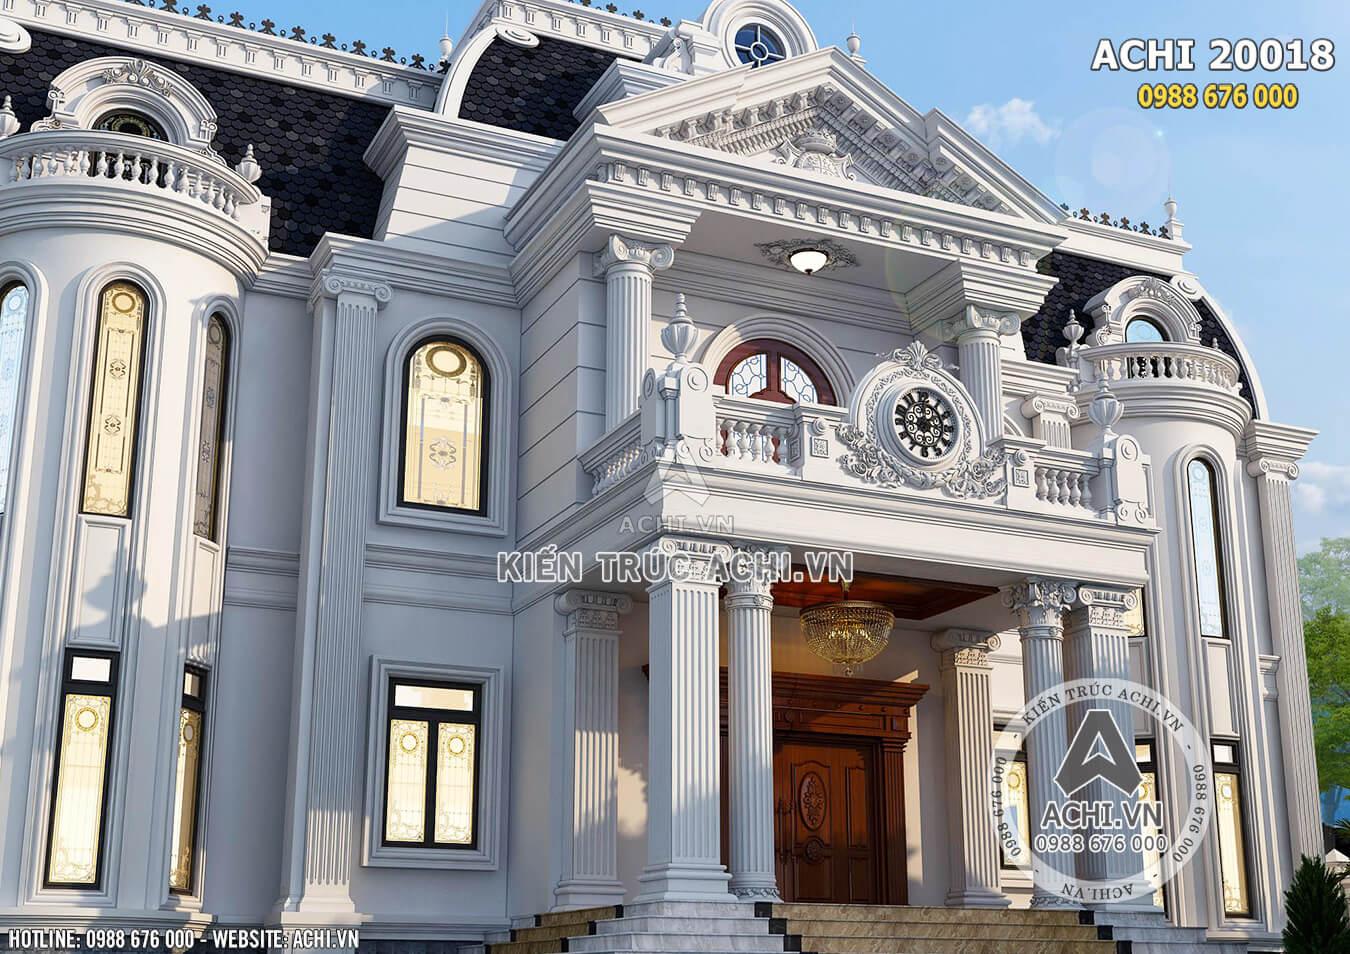 Ngoại thất tân cổ điển sang trọng và tinh tế cho ngôi biệt thự 2 tầng